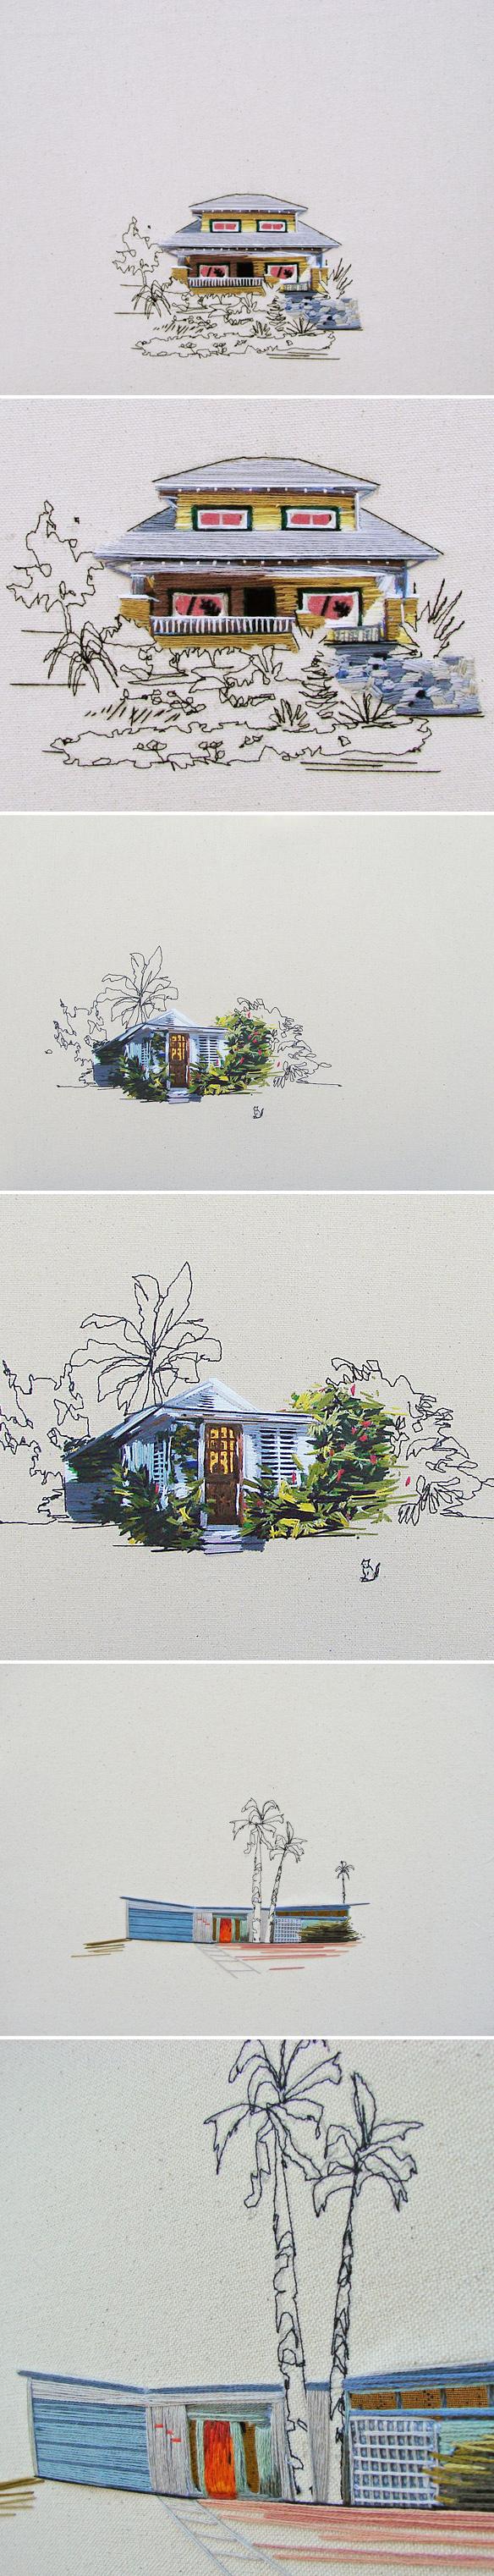 steph_clark_houses